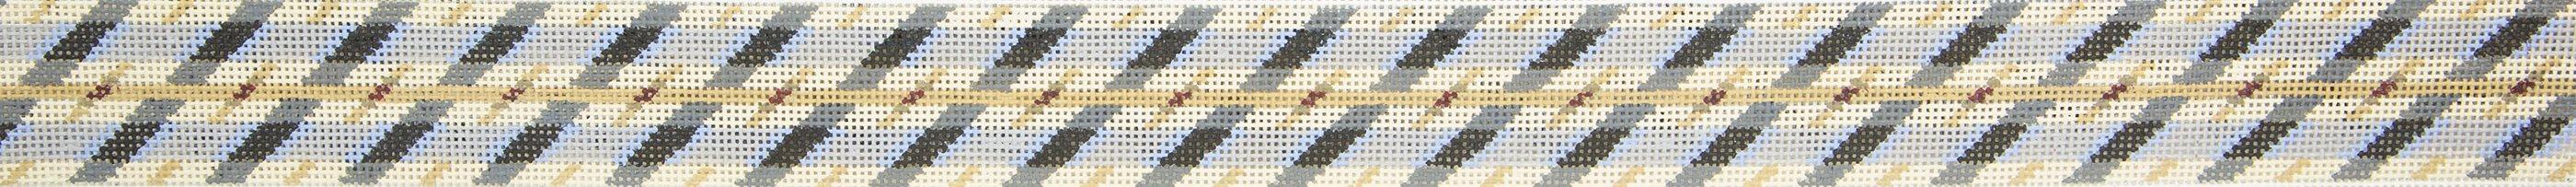 MBM48 Belt Blue Diagonal CBK Needlepoint